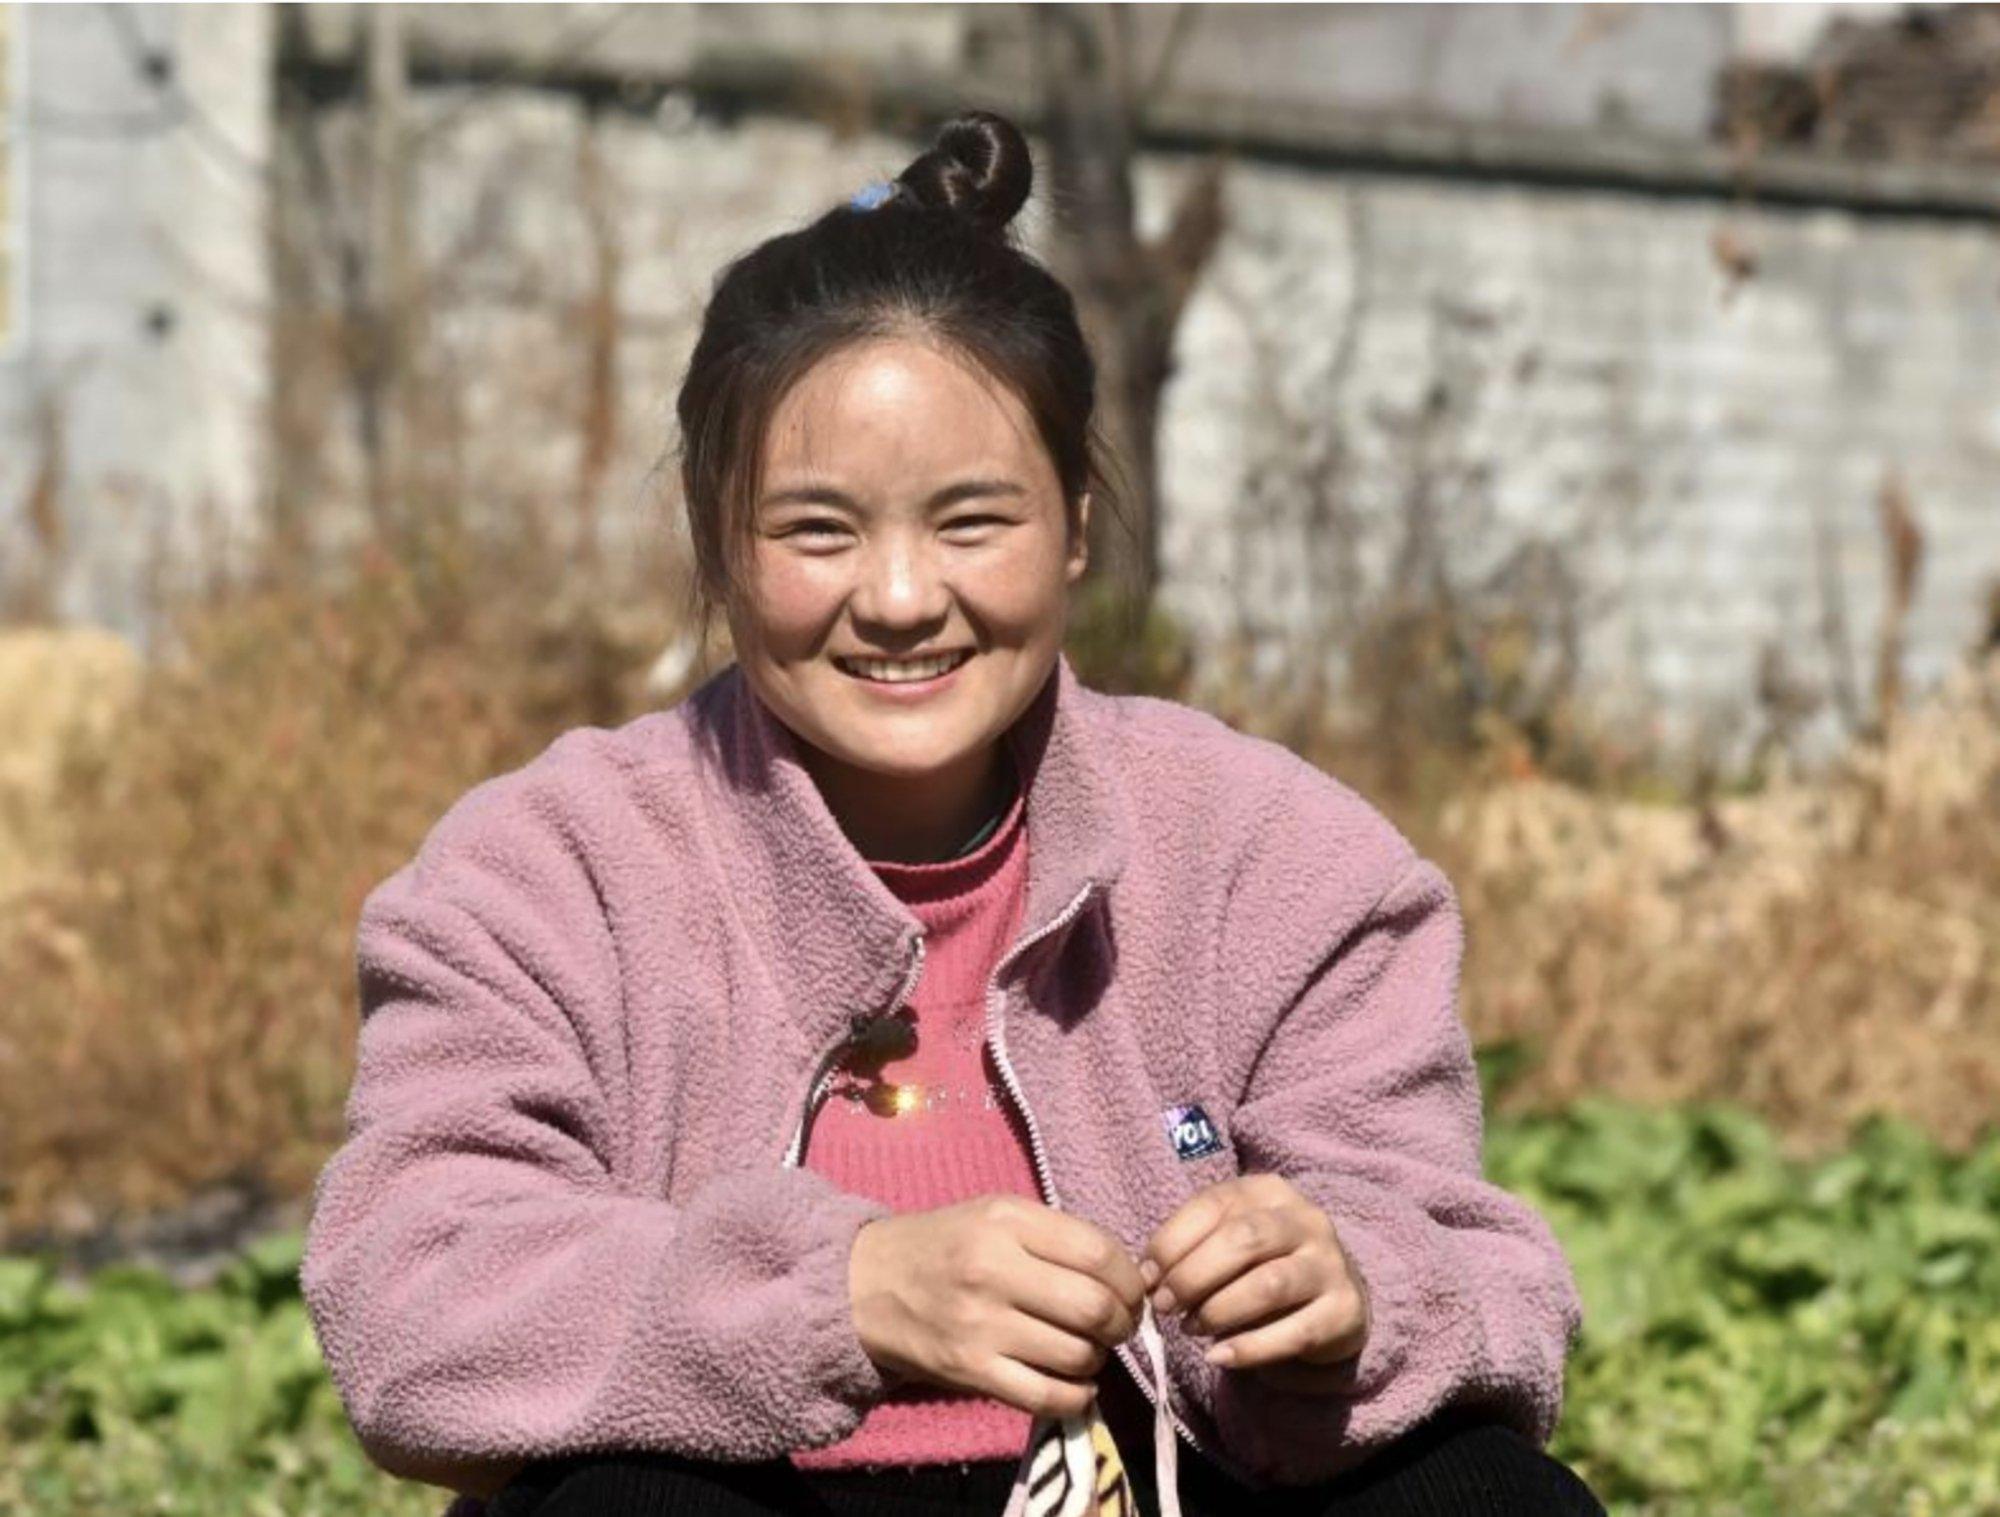 Bamu Yubumu in her hometown in Liangshan Yi autonomous prefecture in Sichuan province, China, on January 22. Photo: Xinhua / Zhou Ke